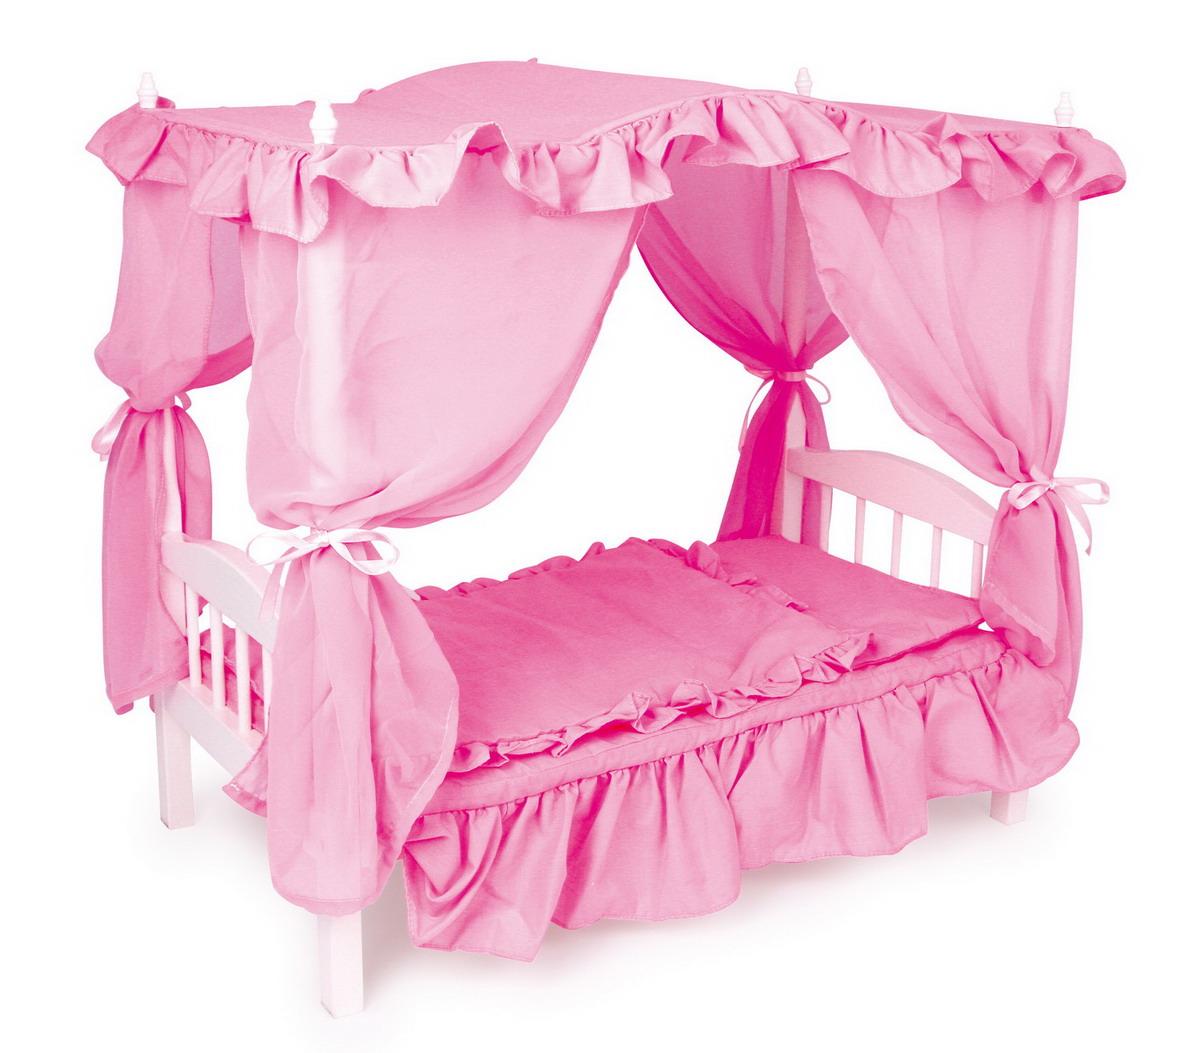 Как сделать большую кровать для беби бона